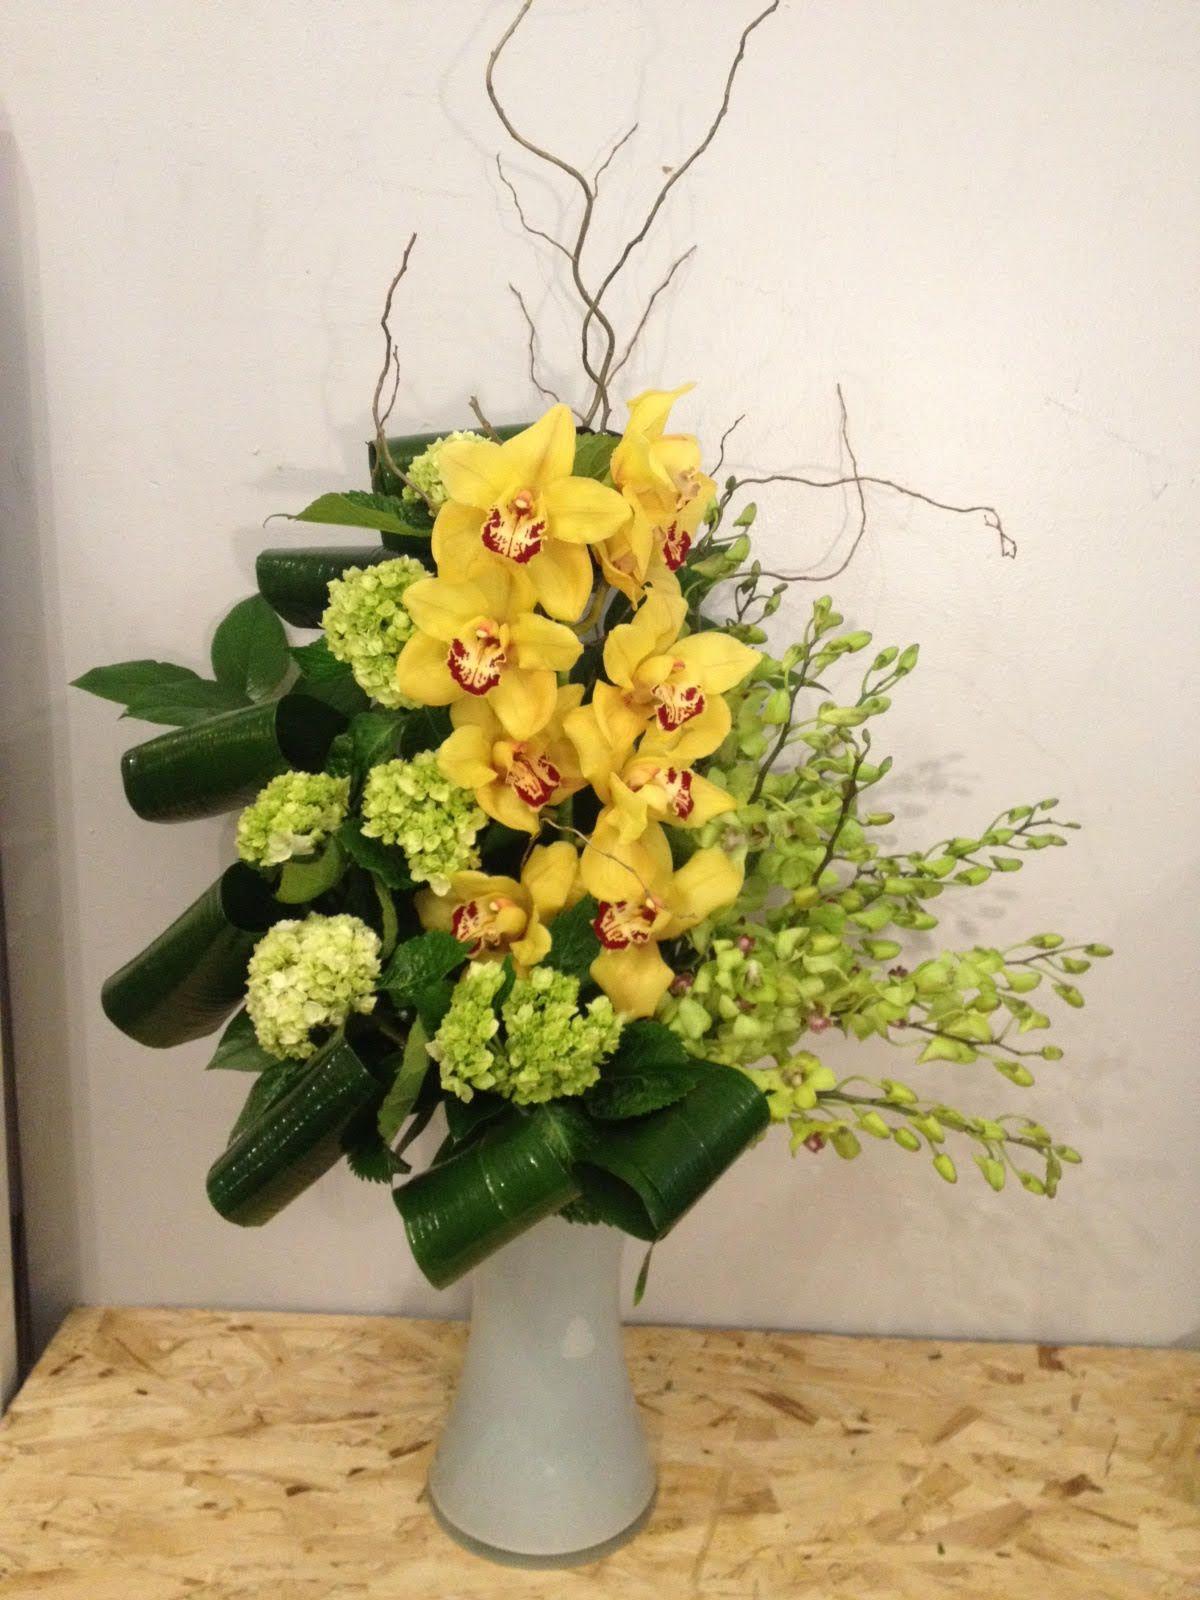 office floral arrangements. Office Floral Arrangements. Elegant And High Quality Arrangements! # Flowers #florist Arrangements